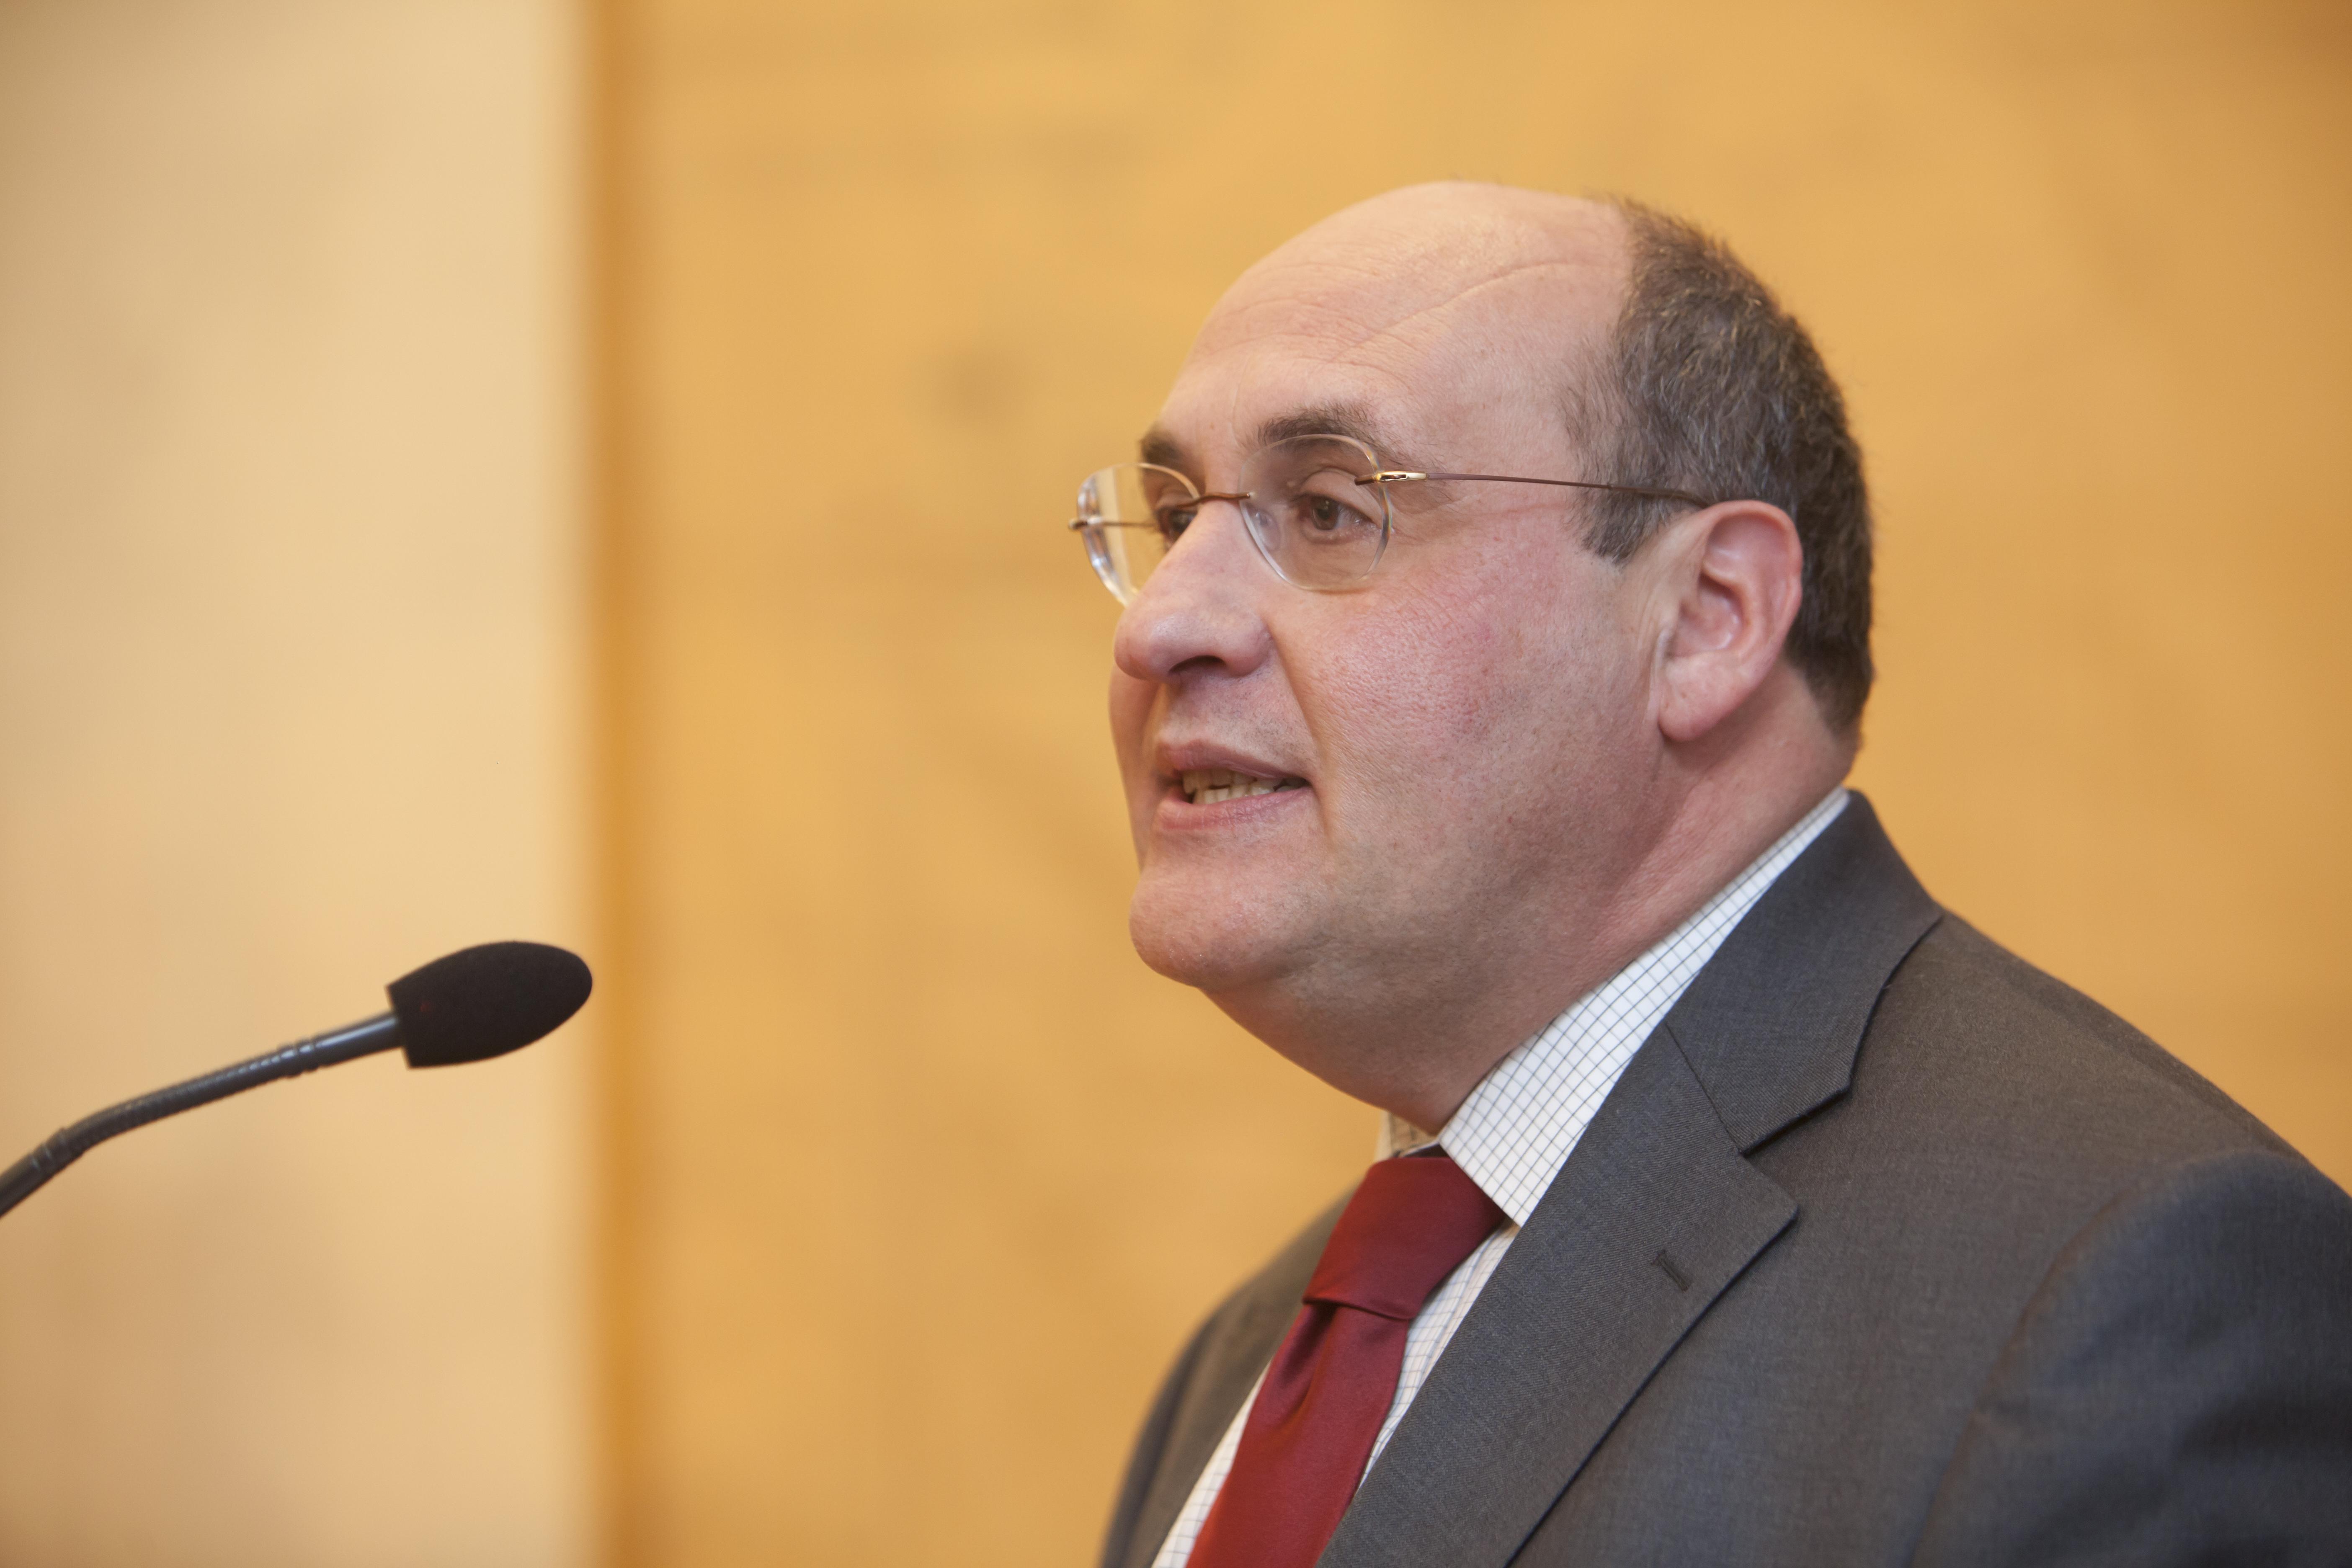 António Vitorino prepara candidatura à presidência de instituição da ONU